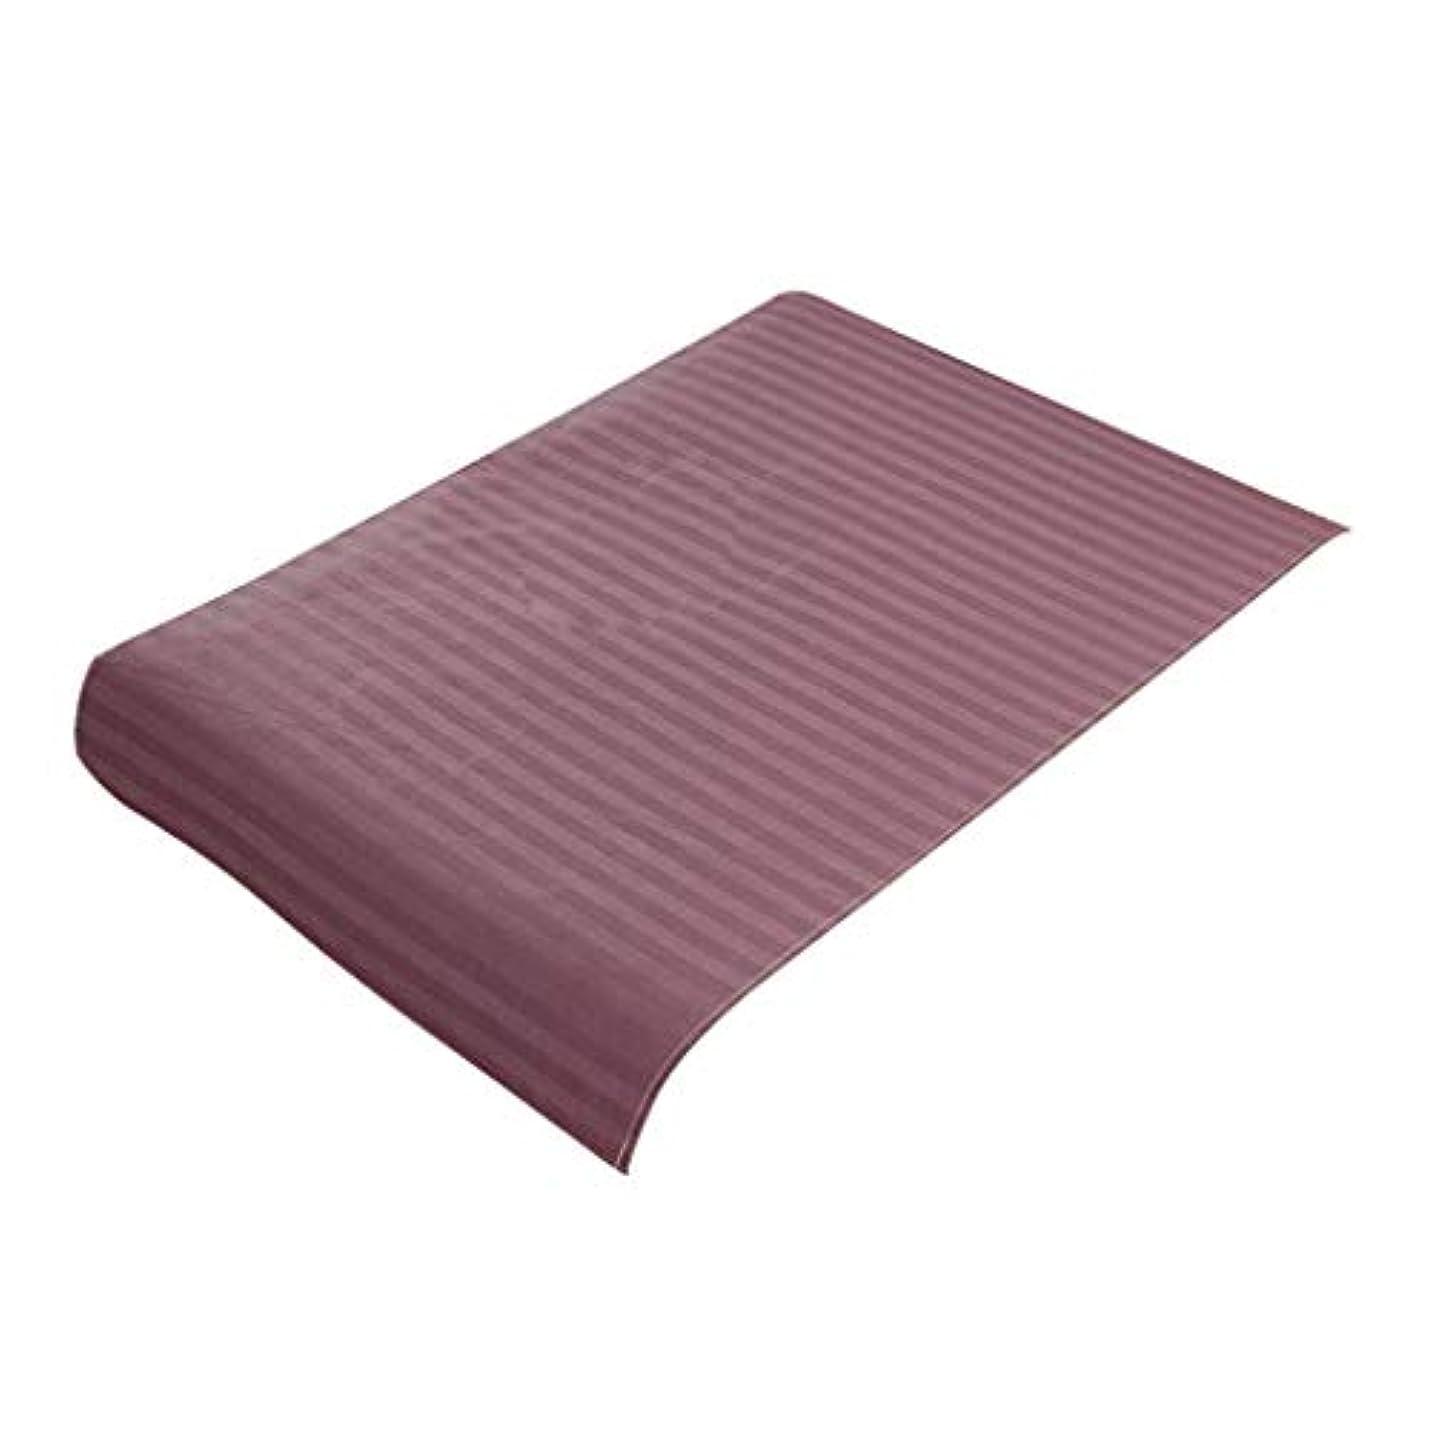 彼女はまっすぐ効率FLAMEER 美容ベッドカバー マッサージ台スカート コットン生地 スパ マッサージベッドカバー 全7色 - 紫